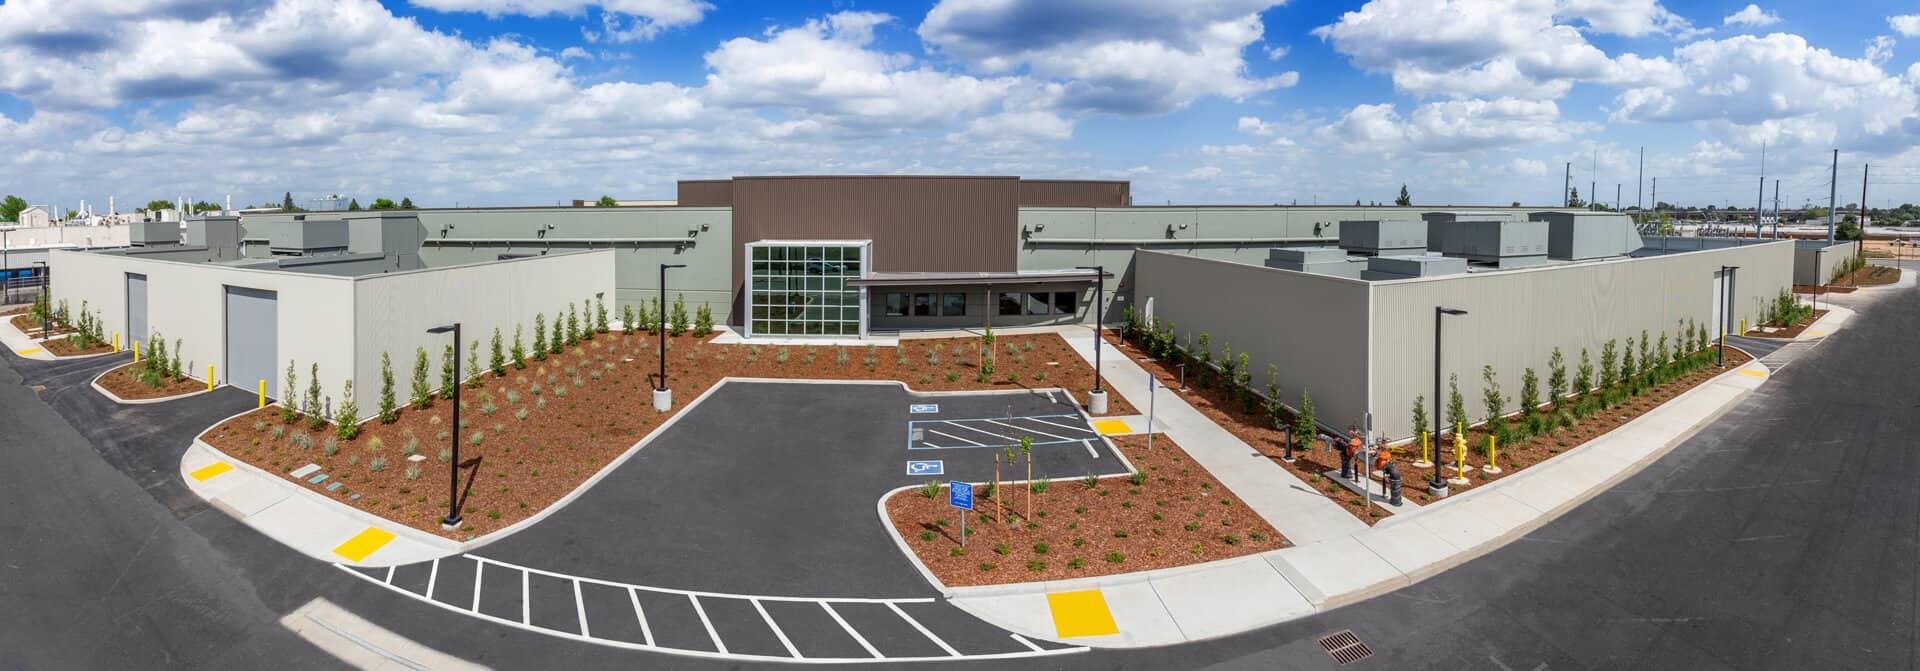 Prime Data Centers - Sacramento Data Center - Building One